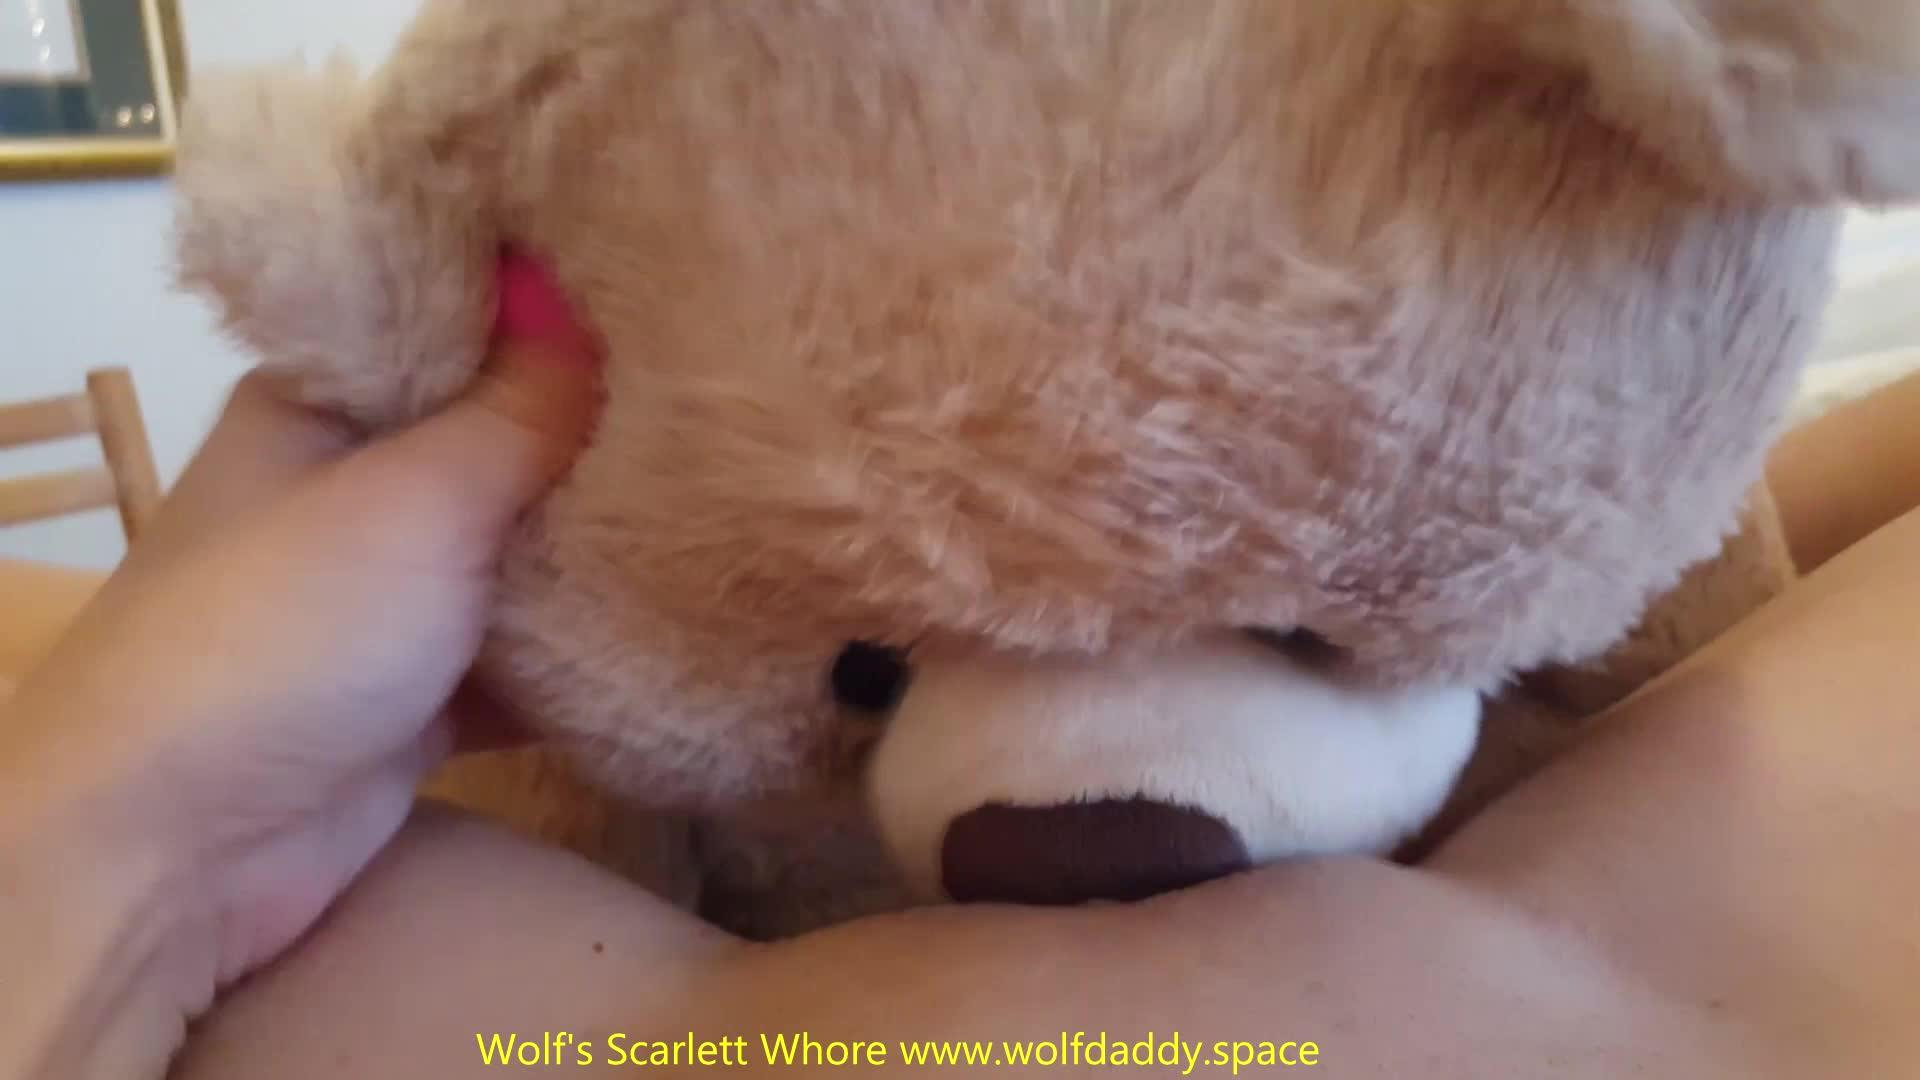 WolfDaddy'd vid